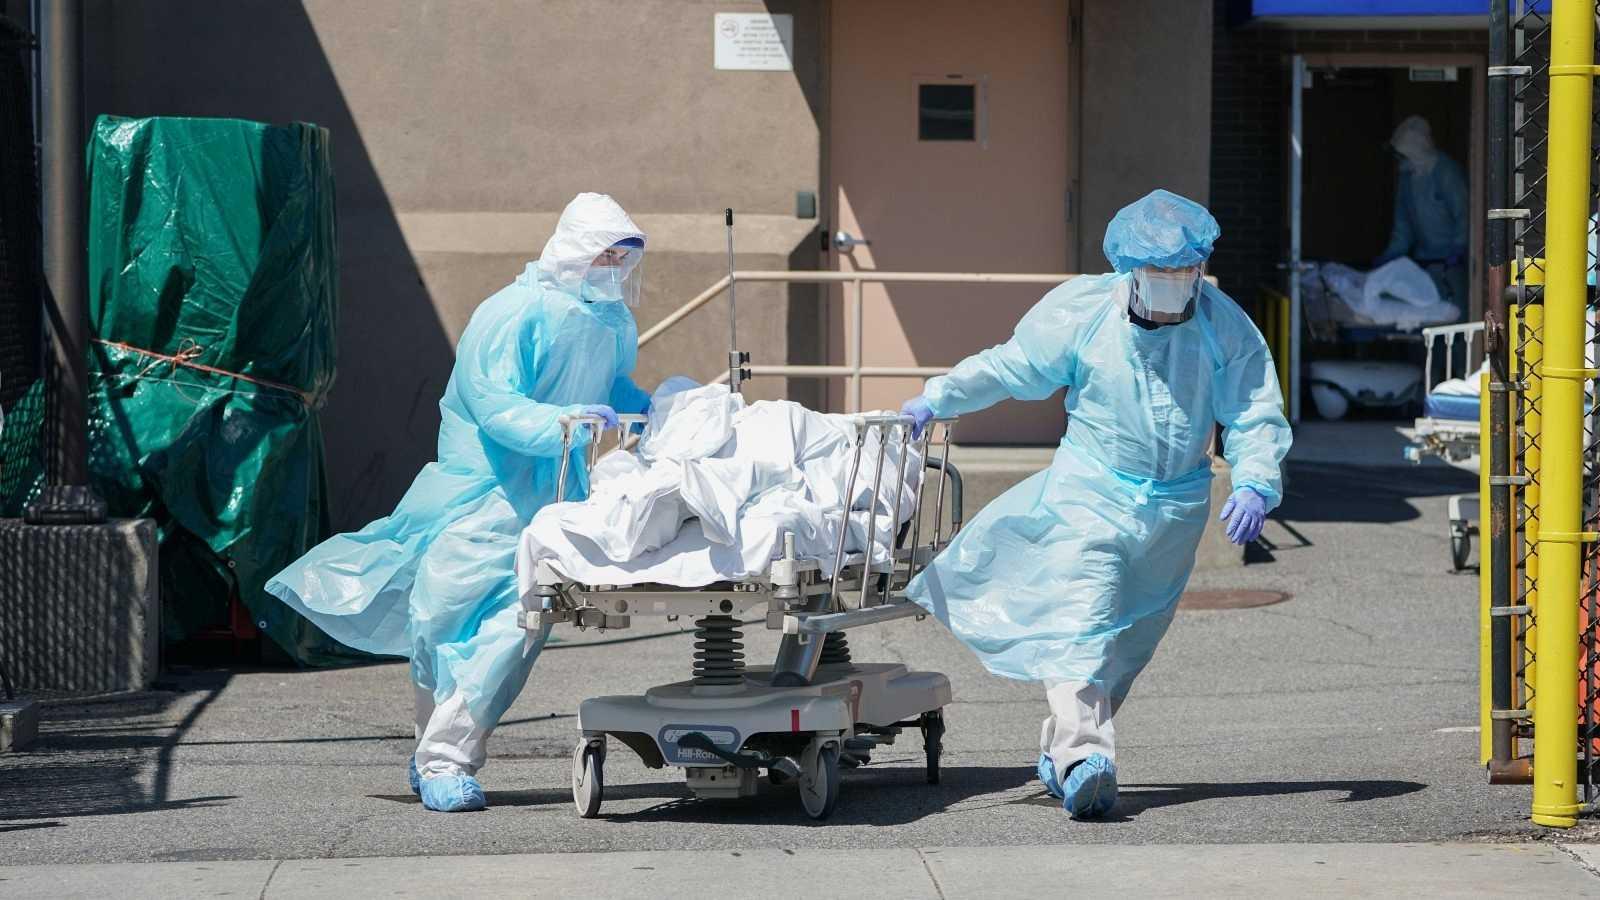 Los fallecidos son trasladados a un camión frigorífico que sirve de morgue temporal en el Hospital Wyckoff, en Nueva York, el 6 de abril de 2020.